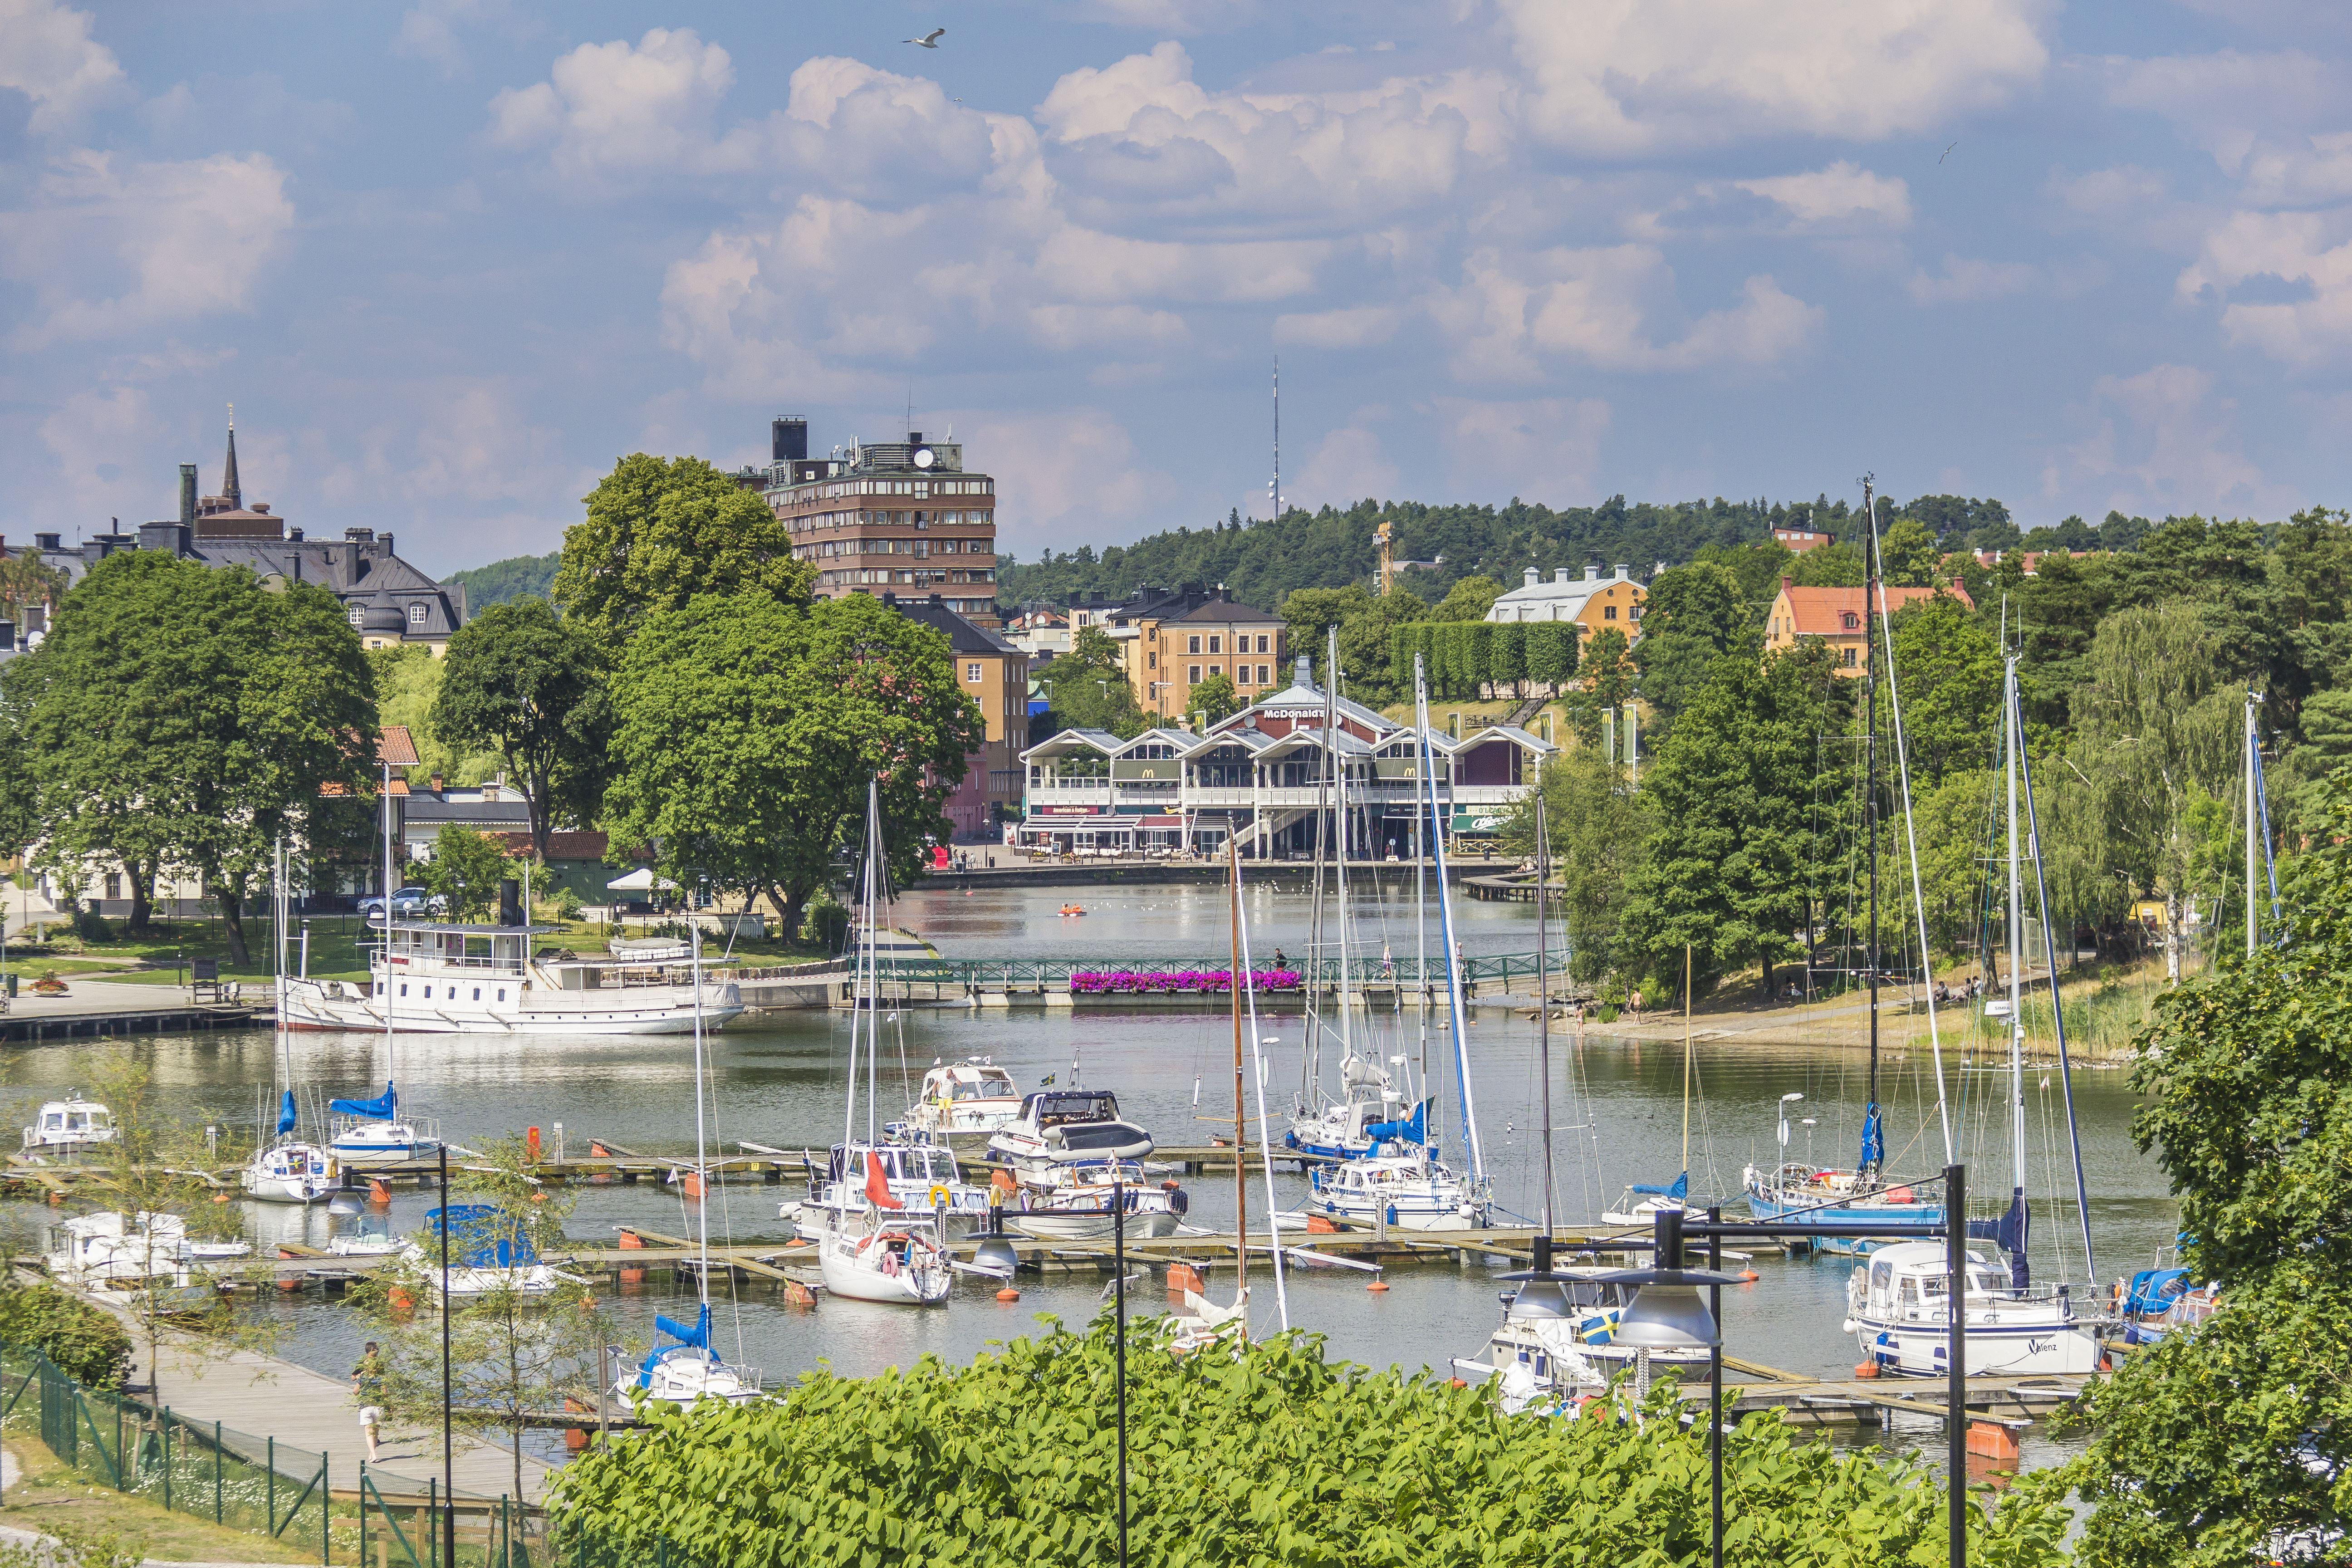 Södertäljevandringar 2019 - Berghusgrottan, Mörkö